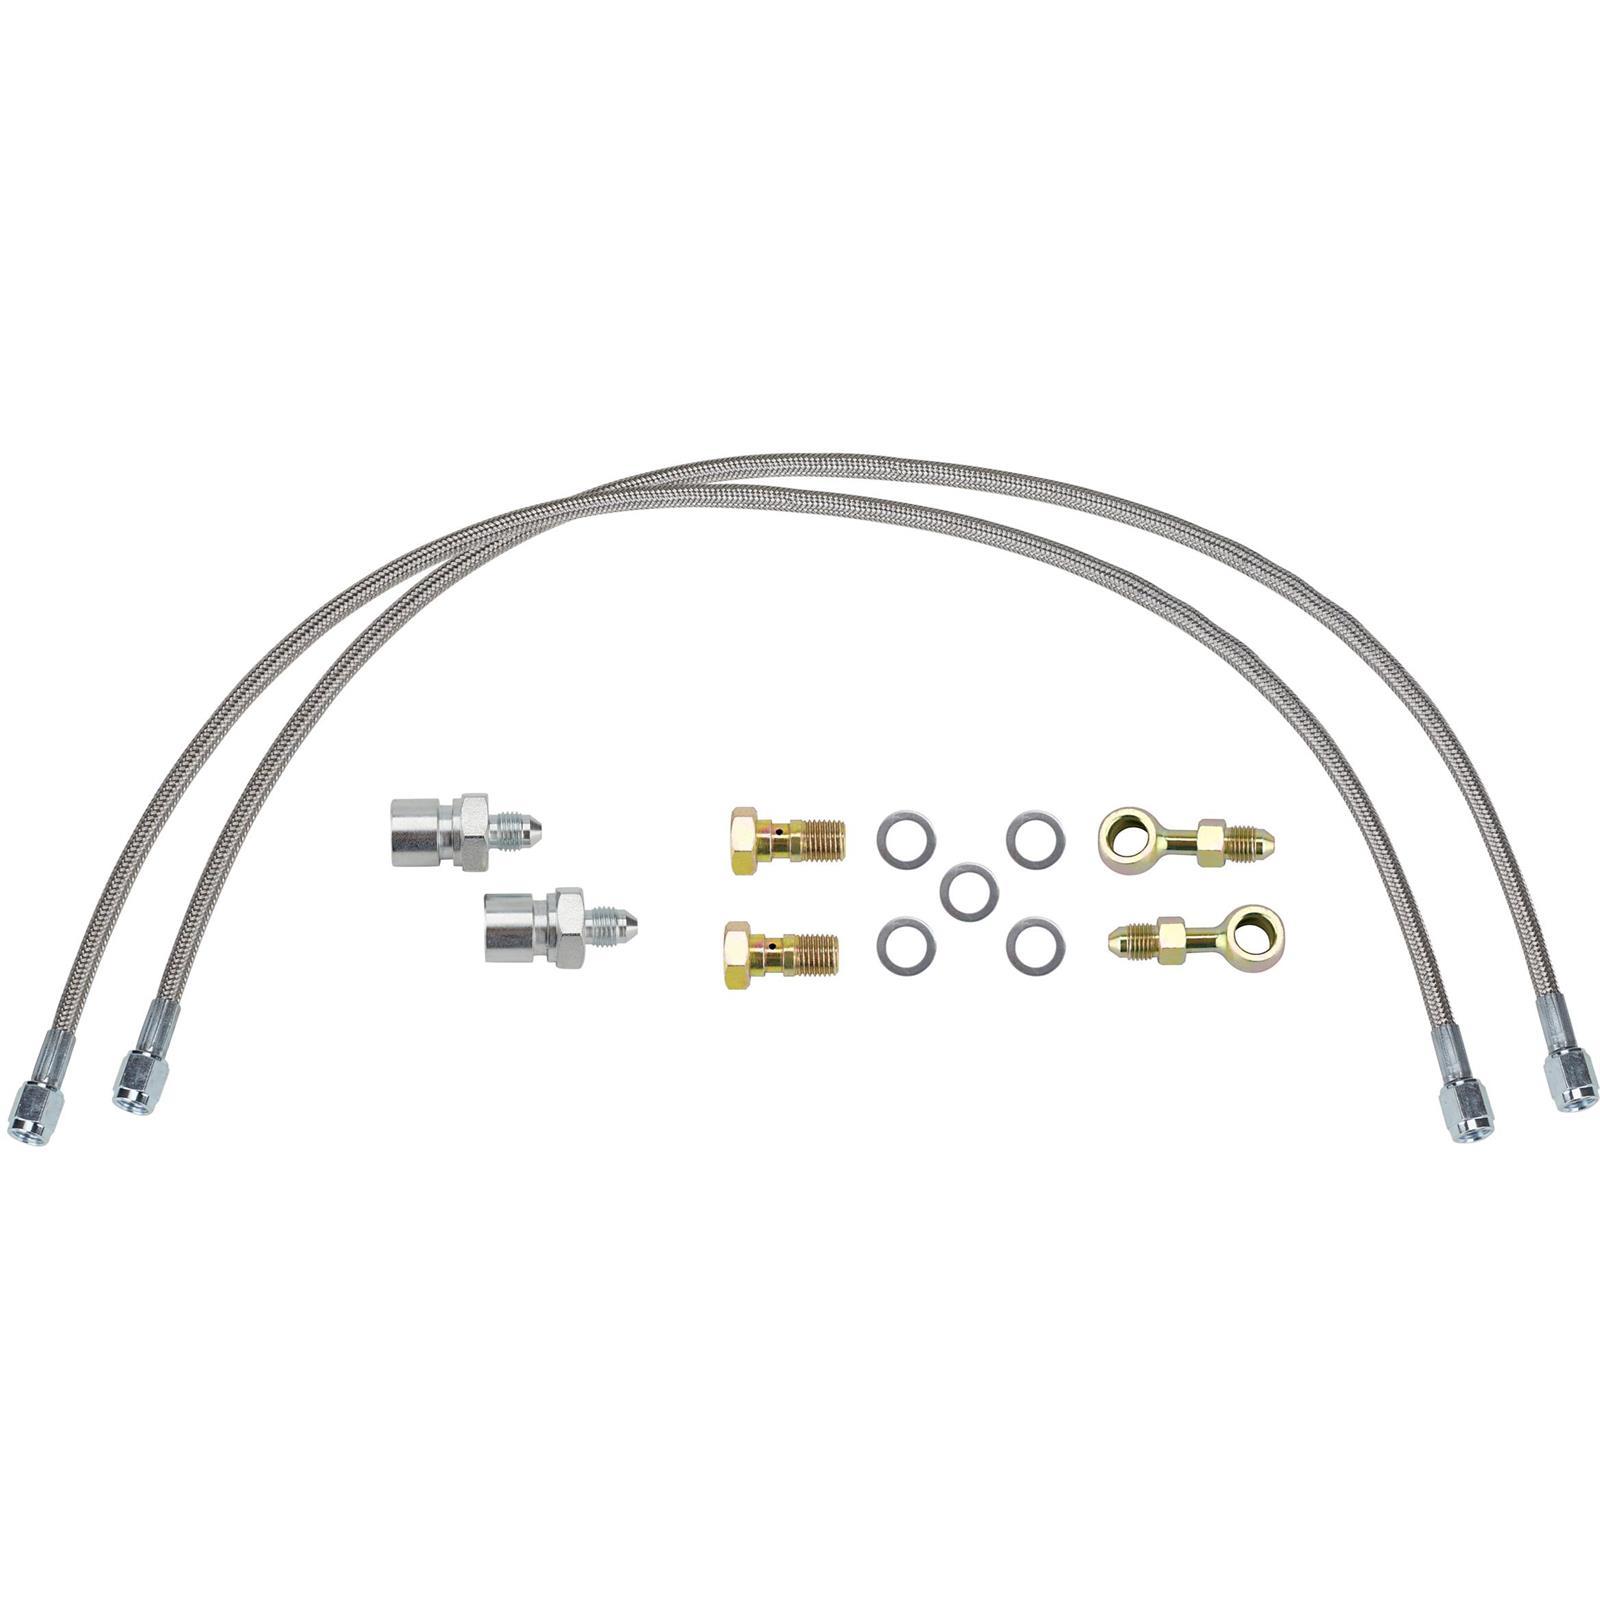 Yellow Hose /& Stainless Banjos Pro Braking PBK2833-YEL-SIL Front//Rear Braided Brake Line